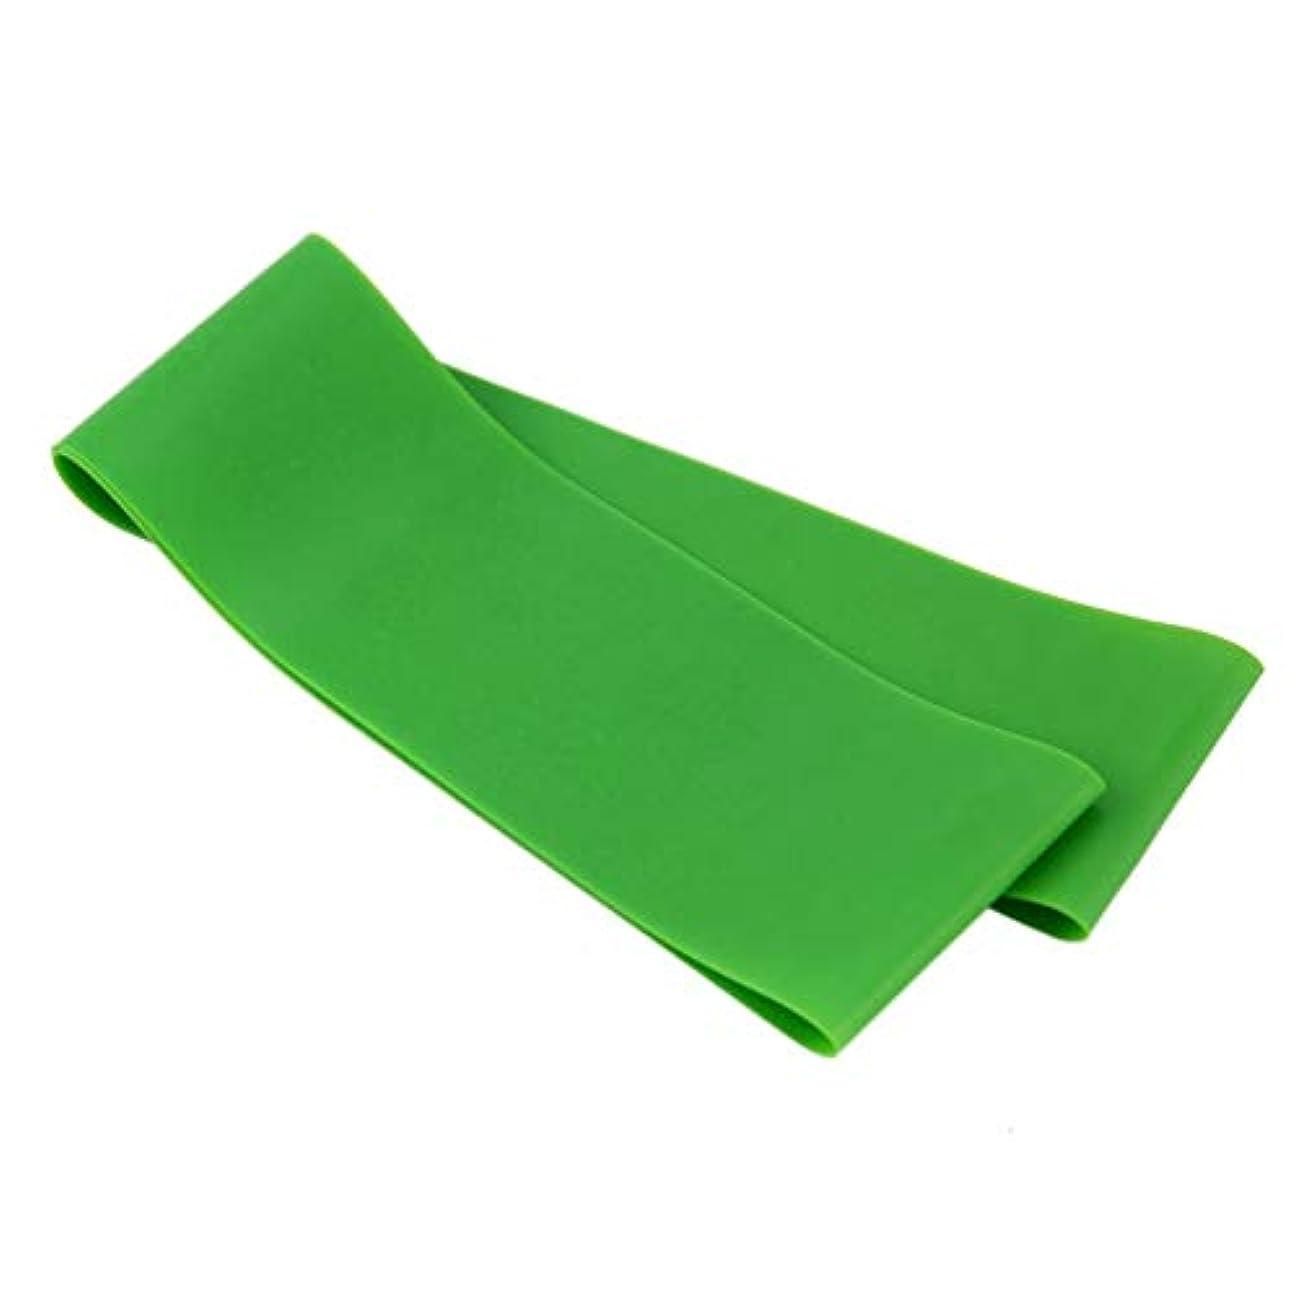 トークウォーターフロント資金滑り止め伸縮性ゴム弾性ヨガベルトバンドプルロープ張力抵抗バンドループ強度のためのフィットネスヨガツール - グリーン